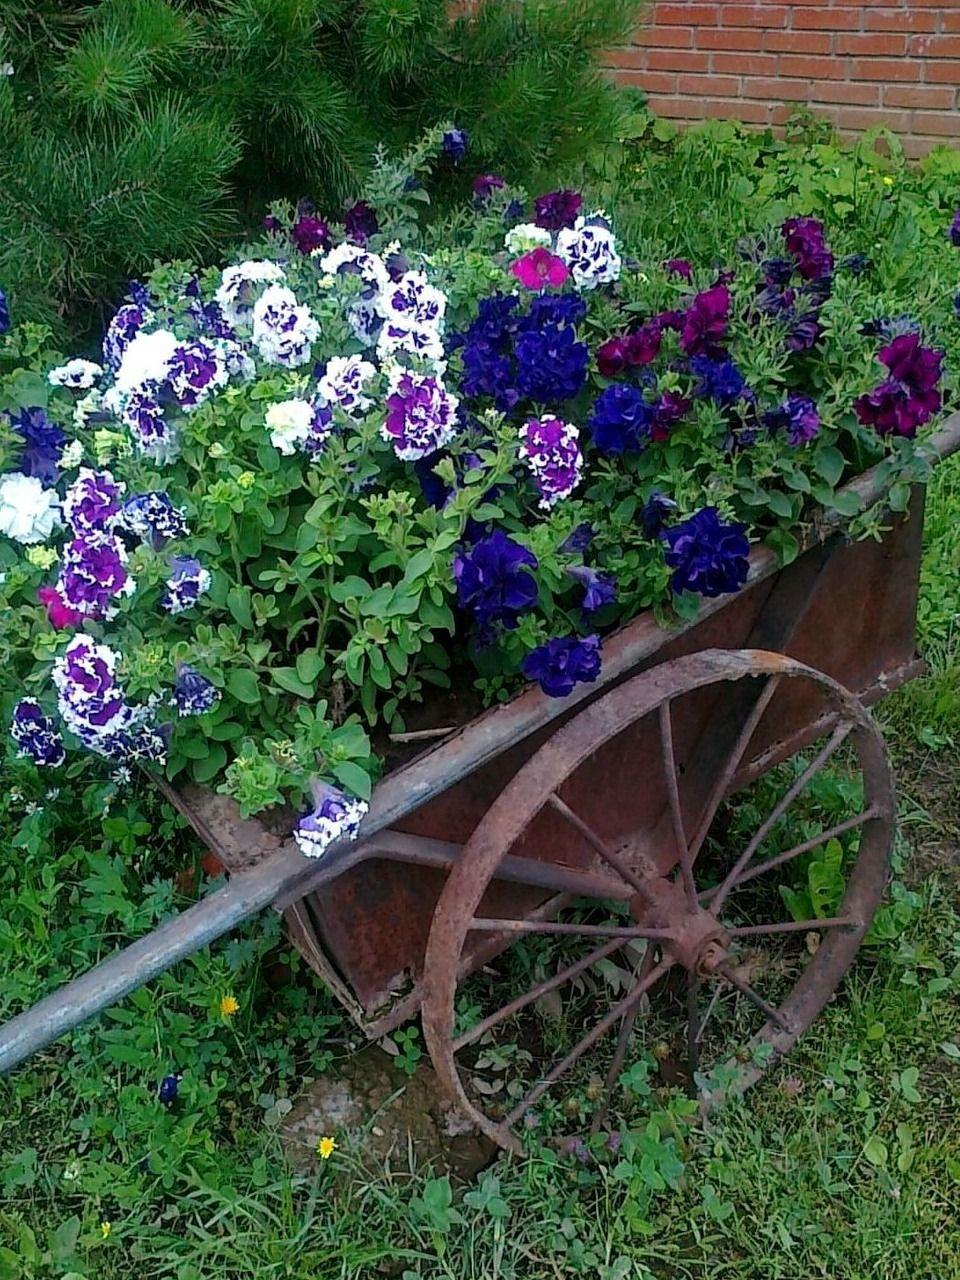 Genial Wagon With Flowers!